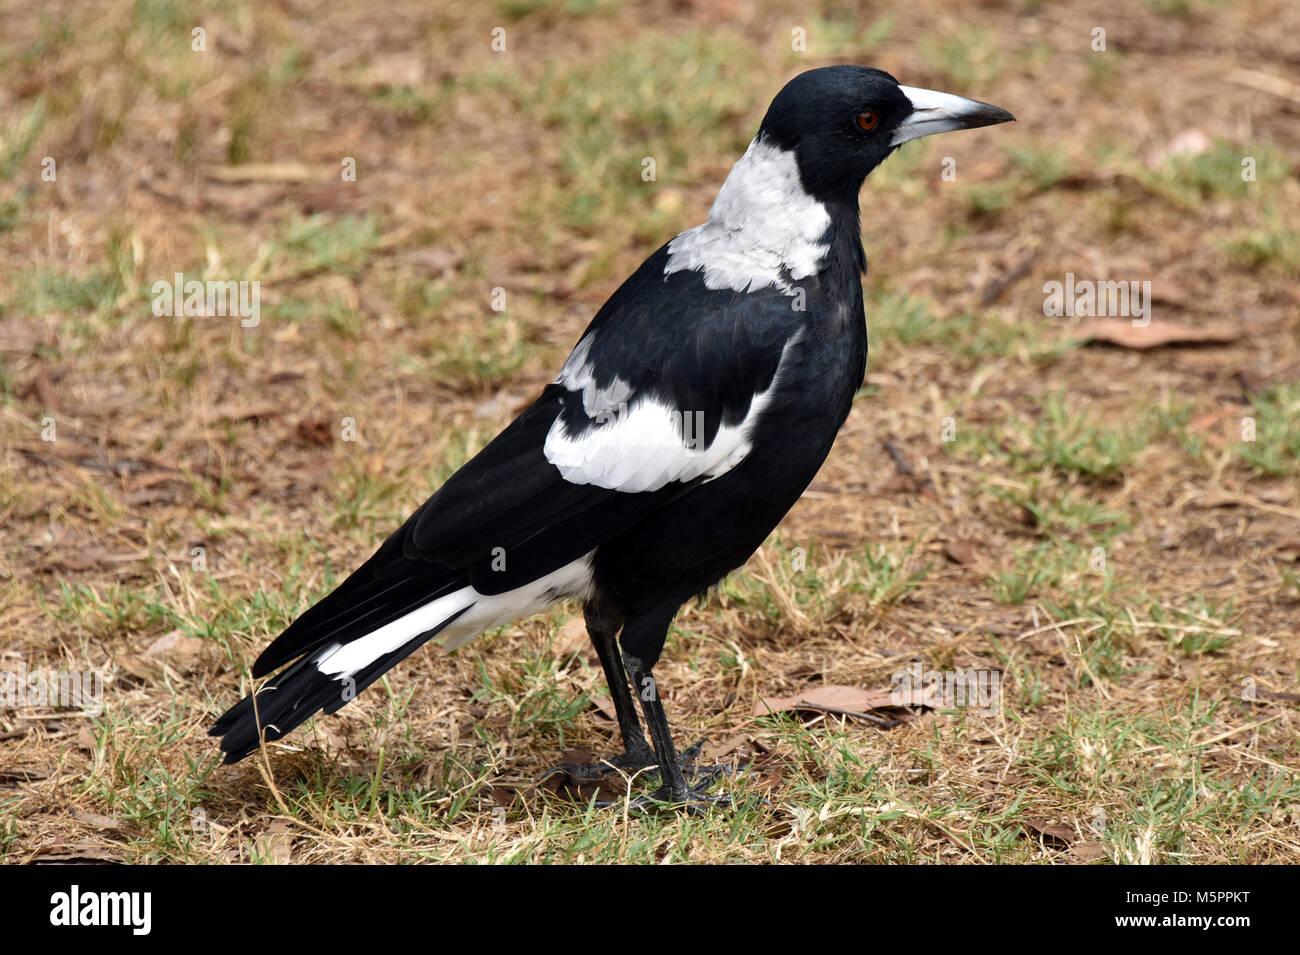 Australian magpie - Stock Image